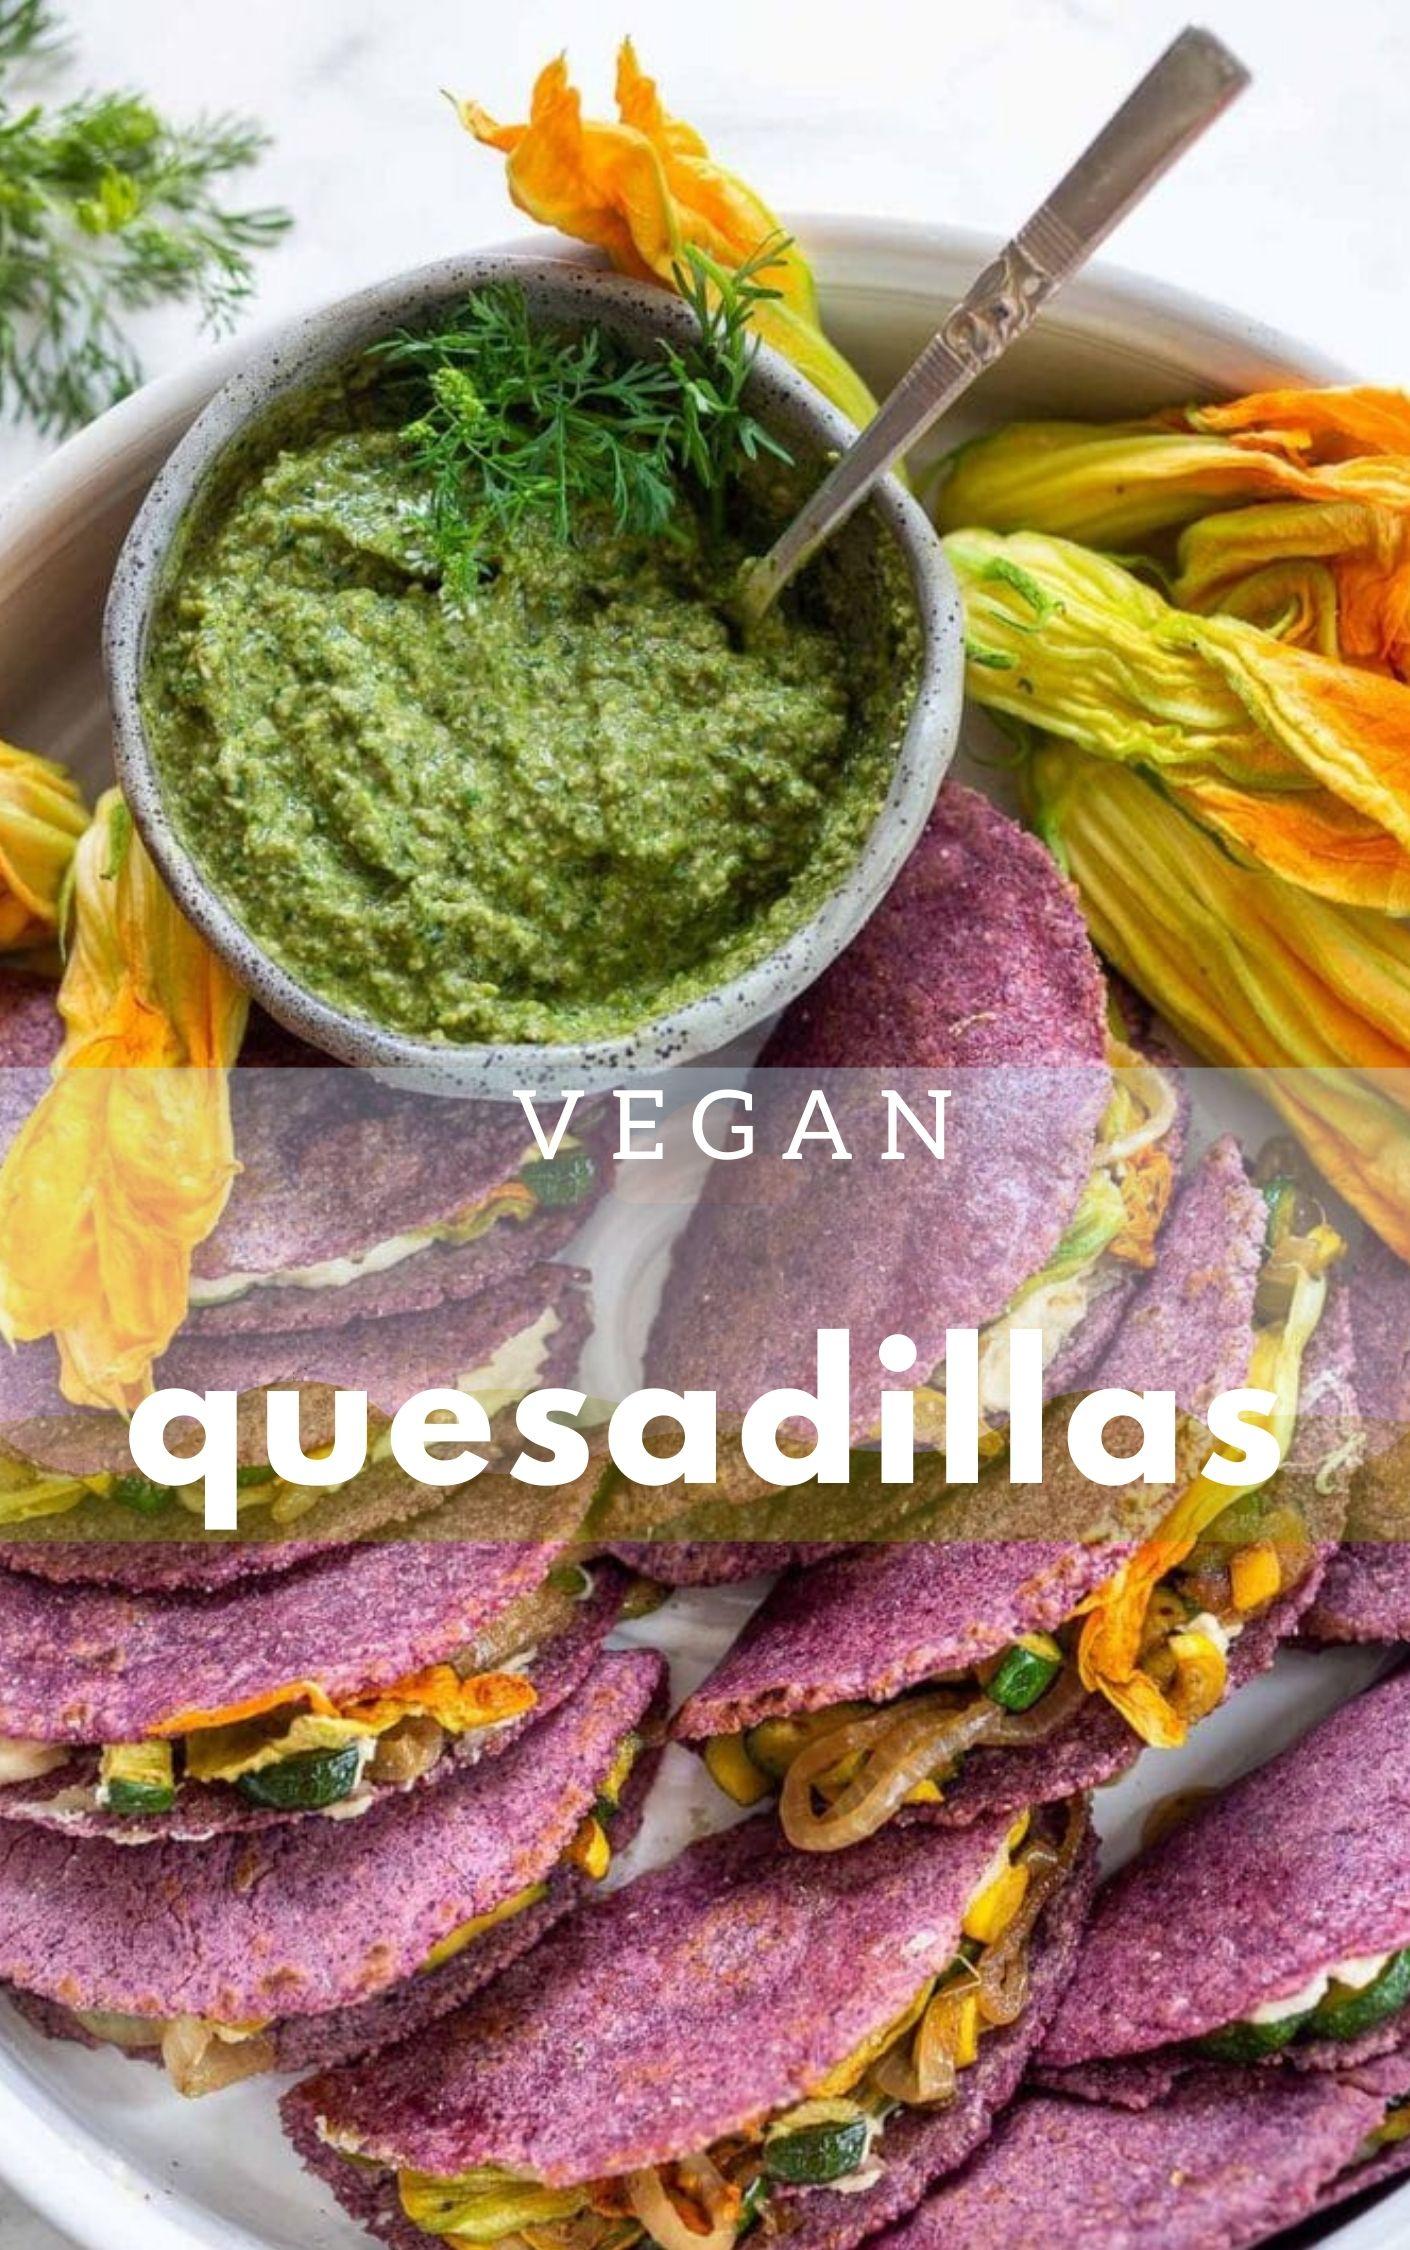 vegan delicious quesadillas